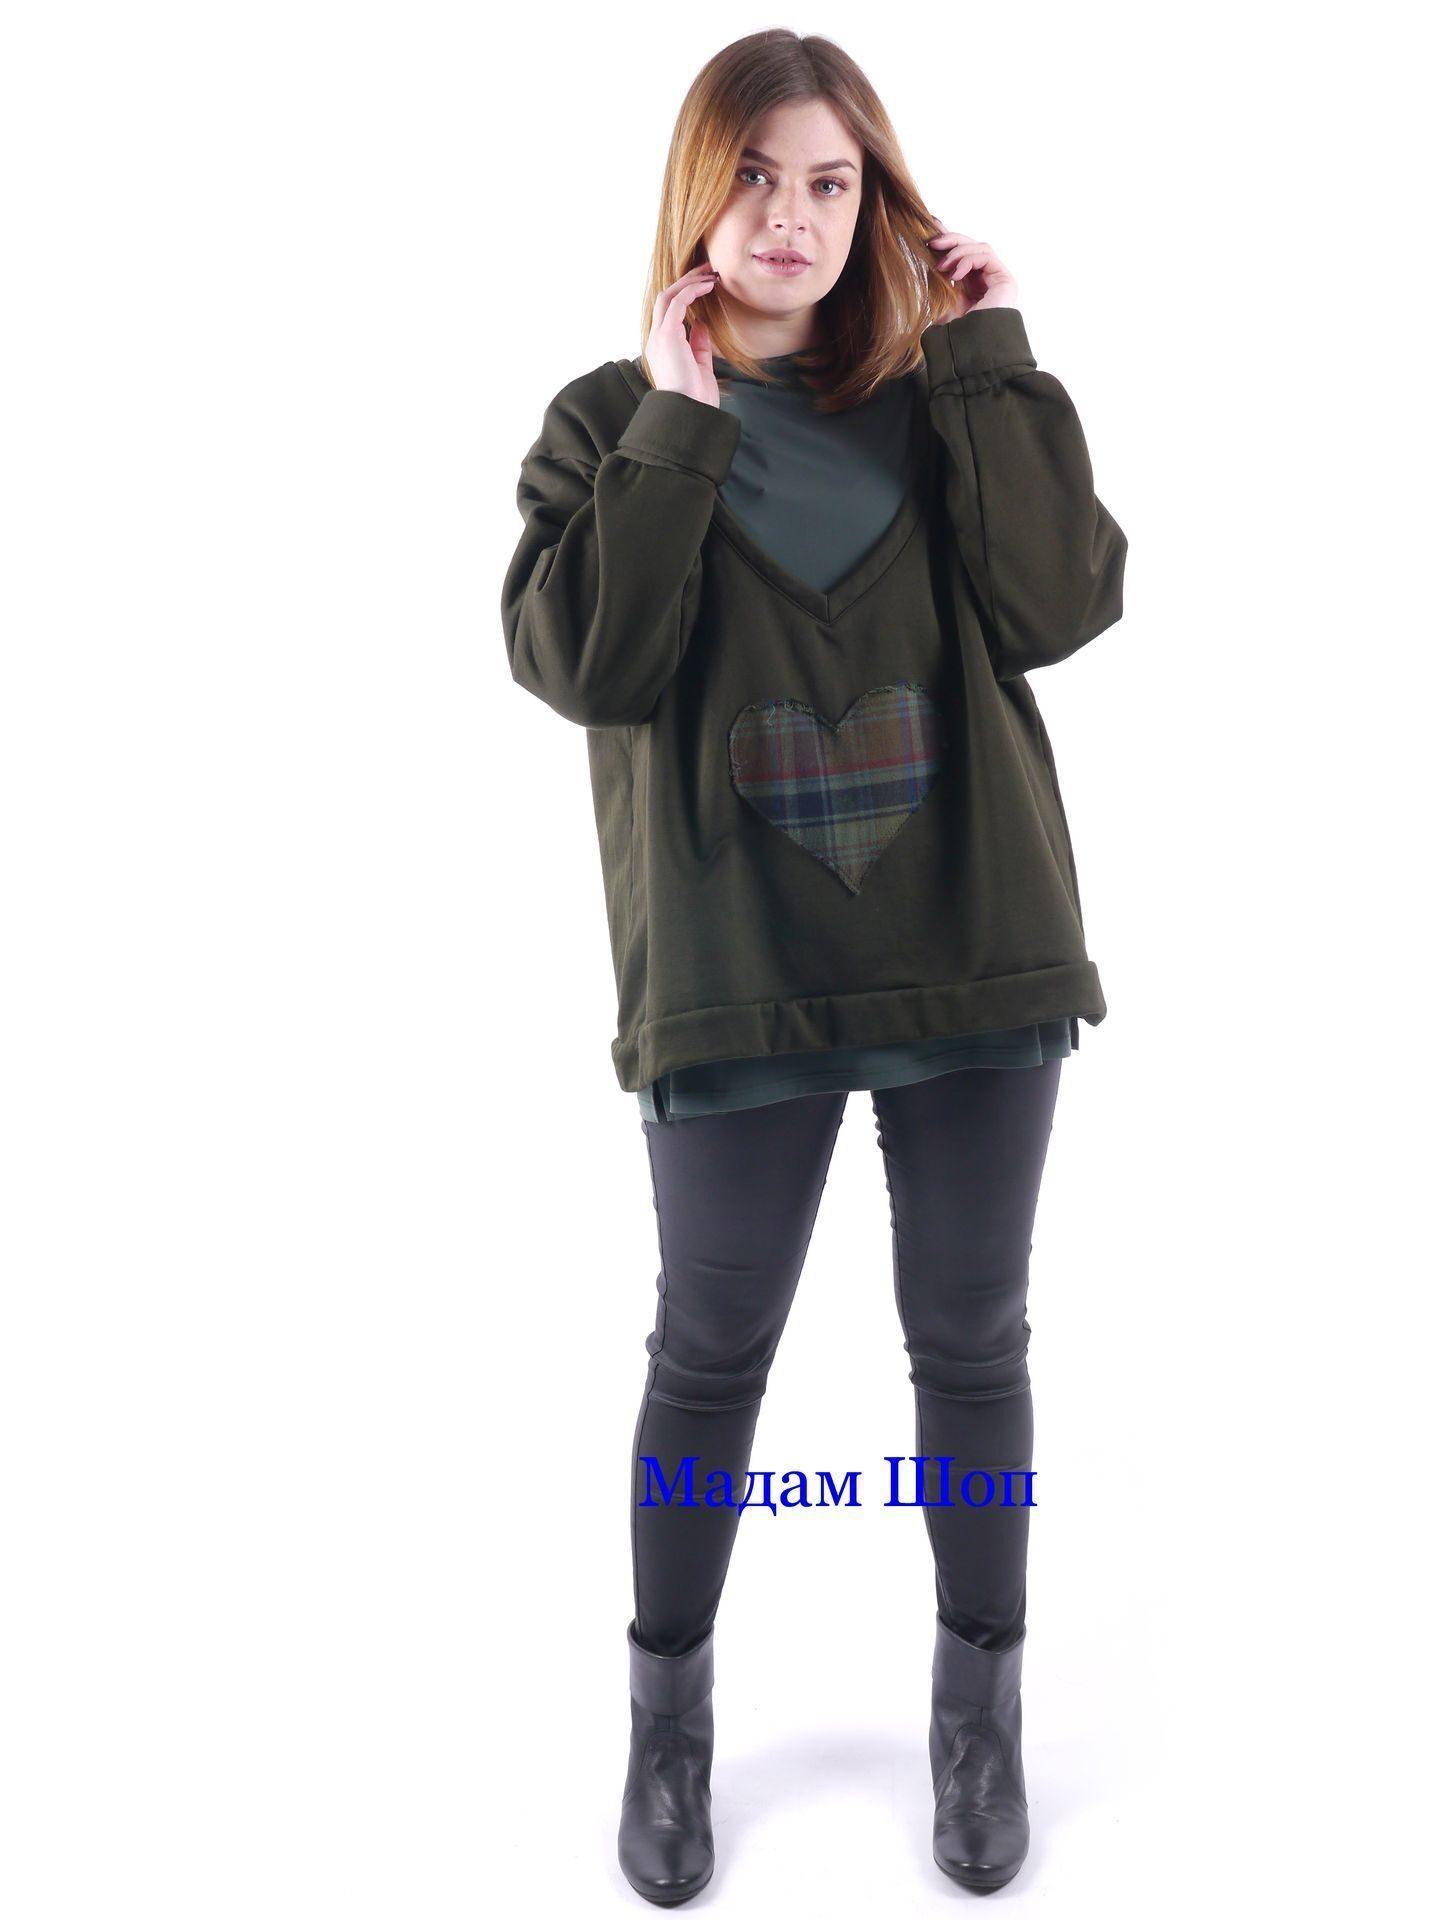 73d2da1fc2703 Mariluna Italy. Итальянская одежда больших размеров Марилуна для ...